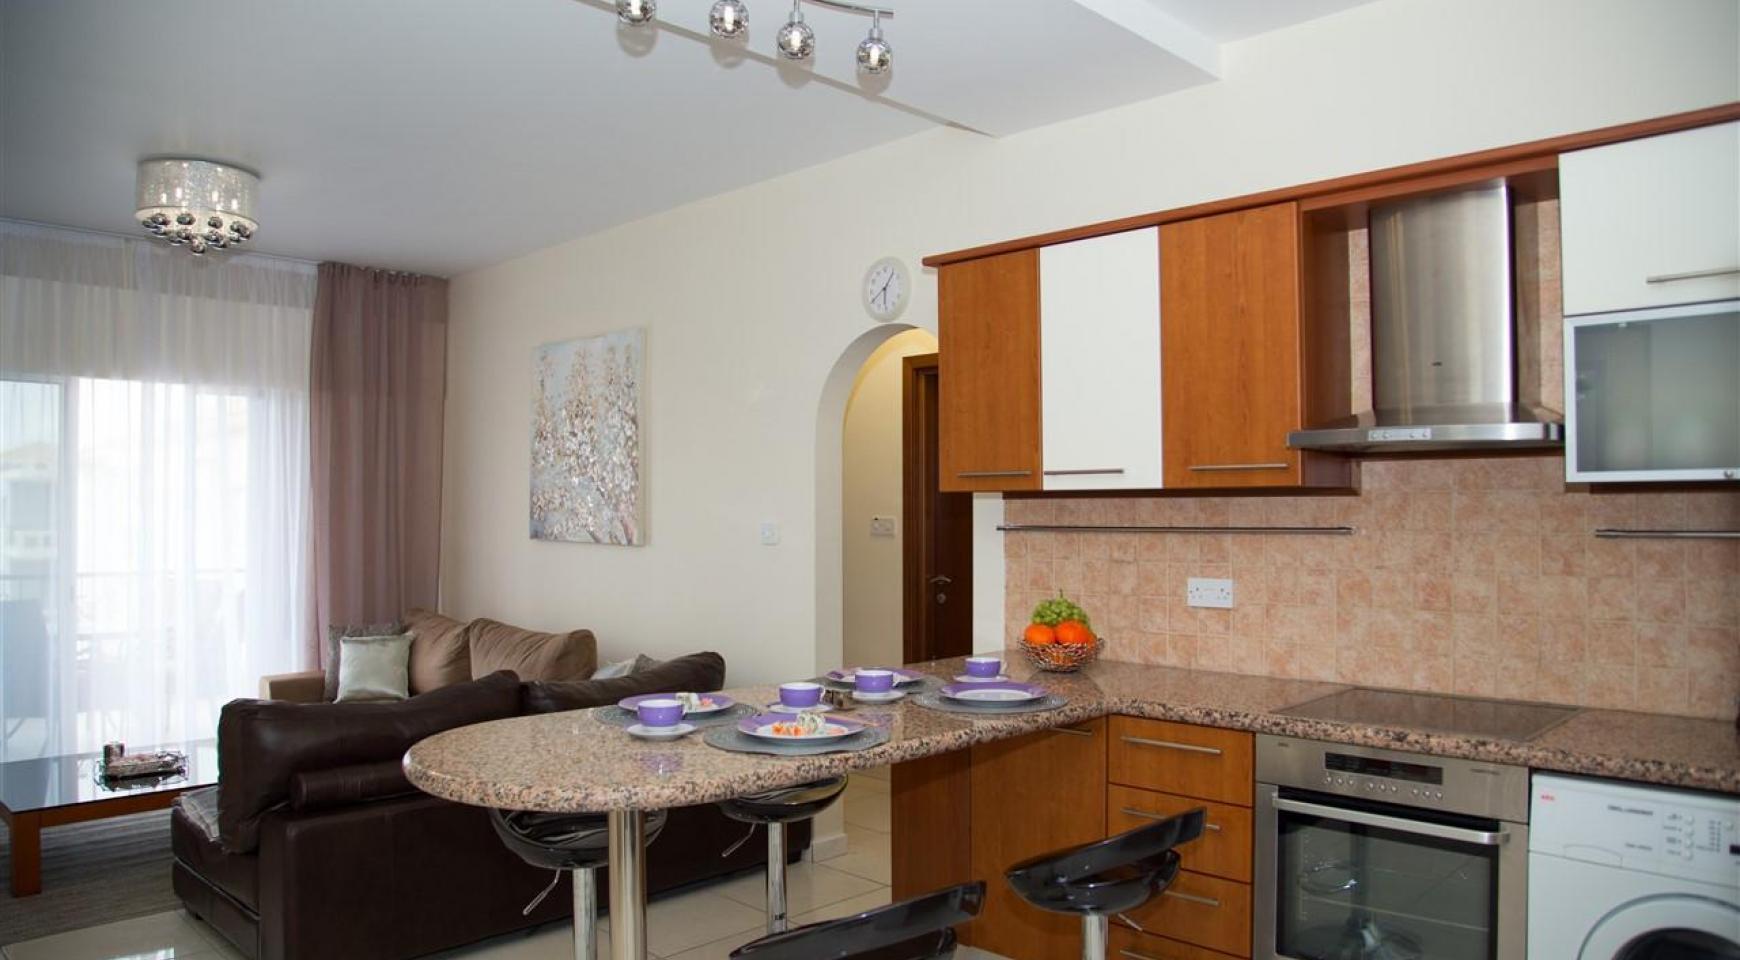 2-Спальная Квартира Mesogios Iris 304 в Комплексе у Моря - 8